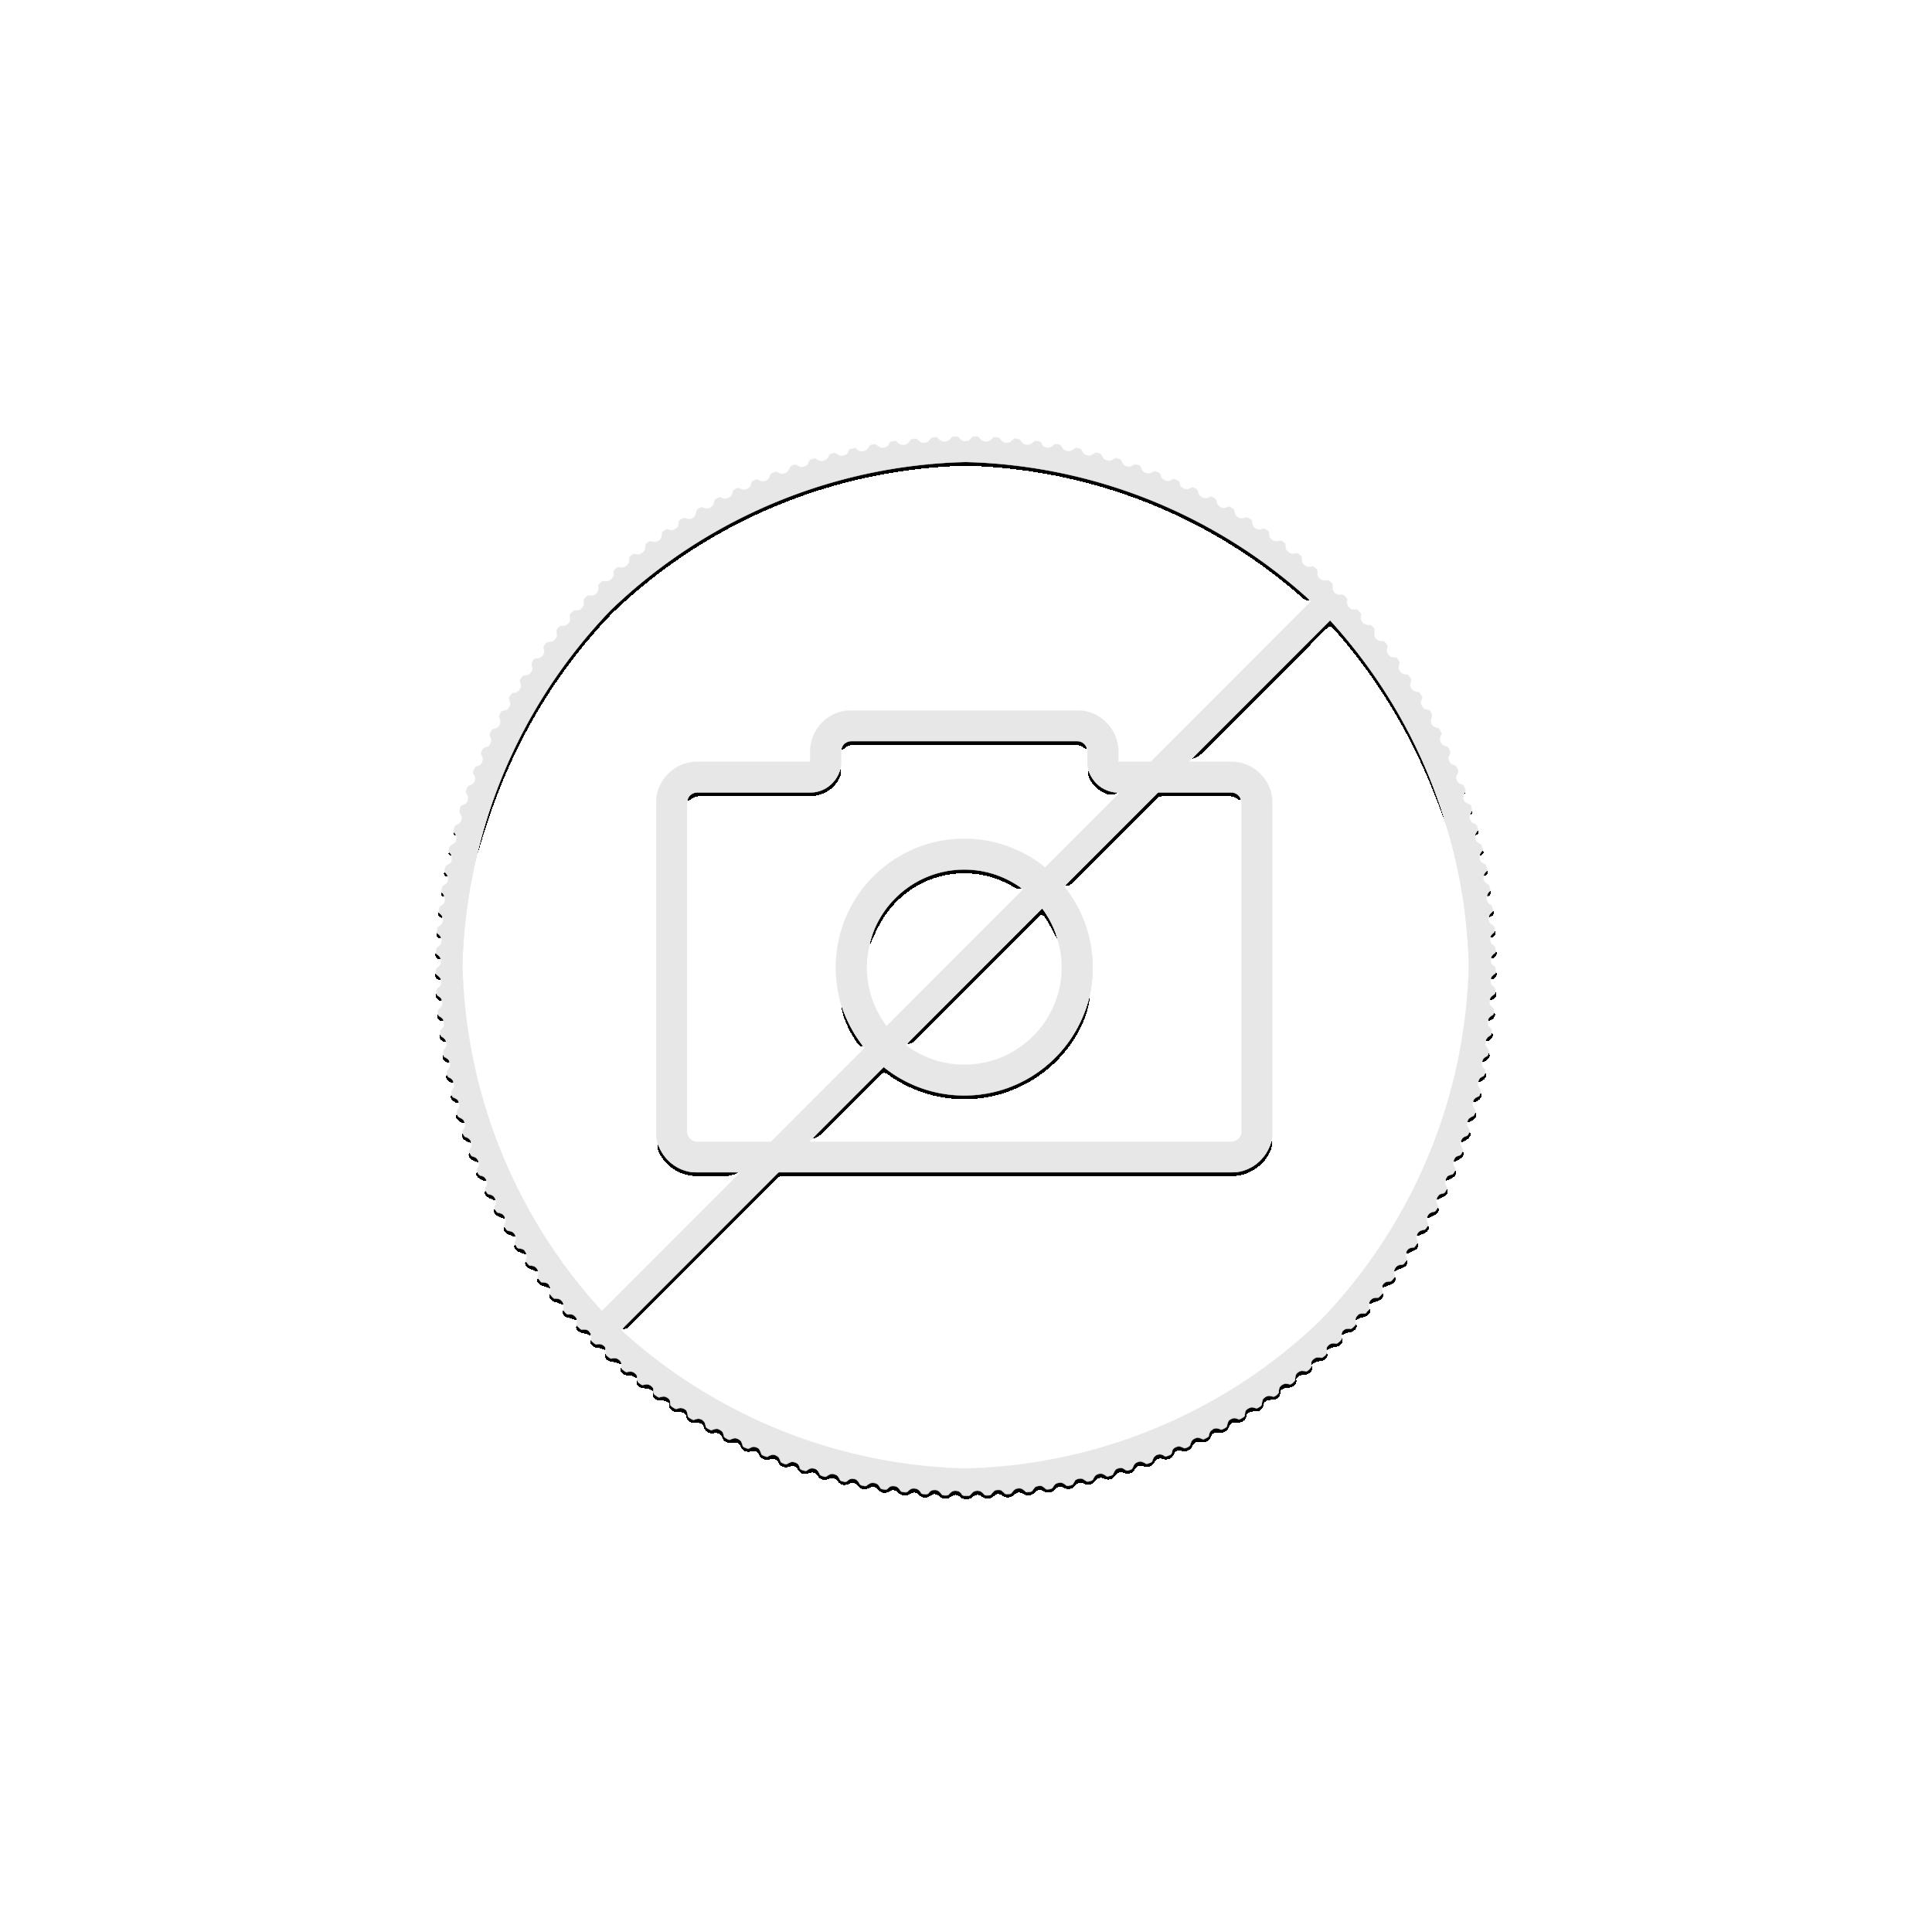 Goudbaar 1 troy ounce 99,99% goud van Valcambi